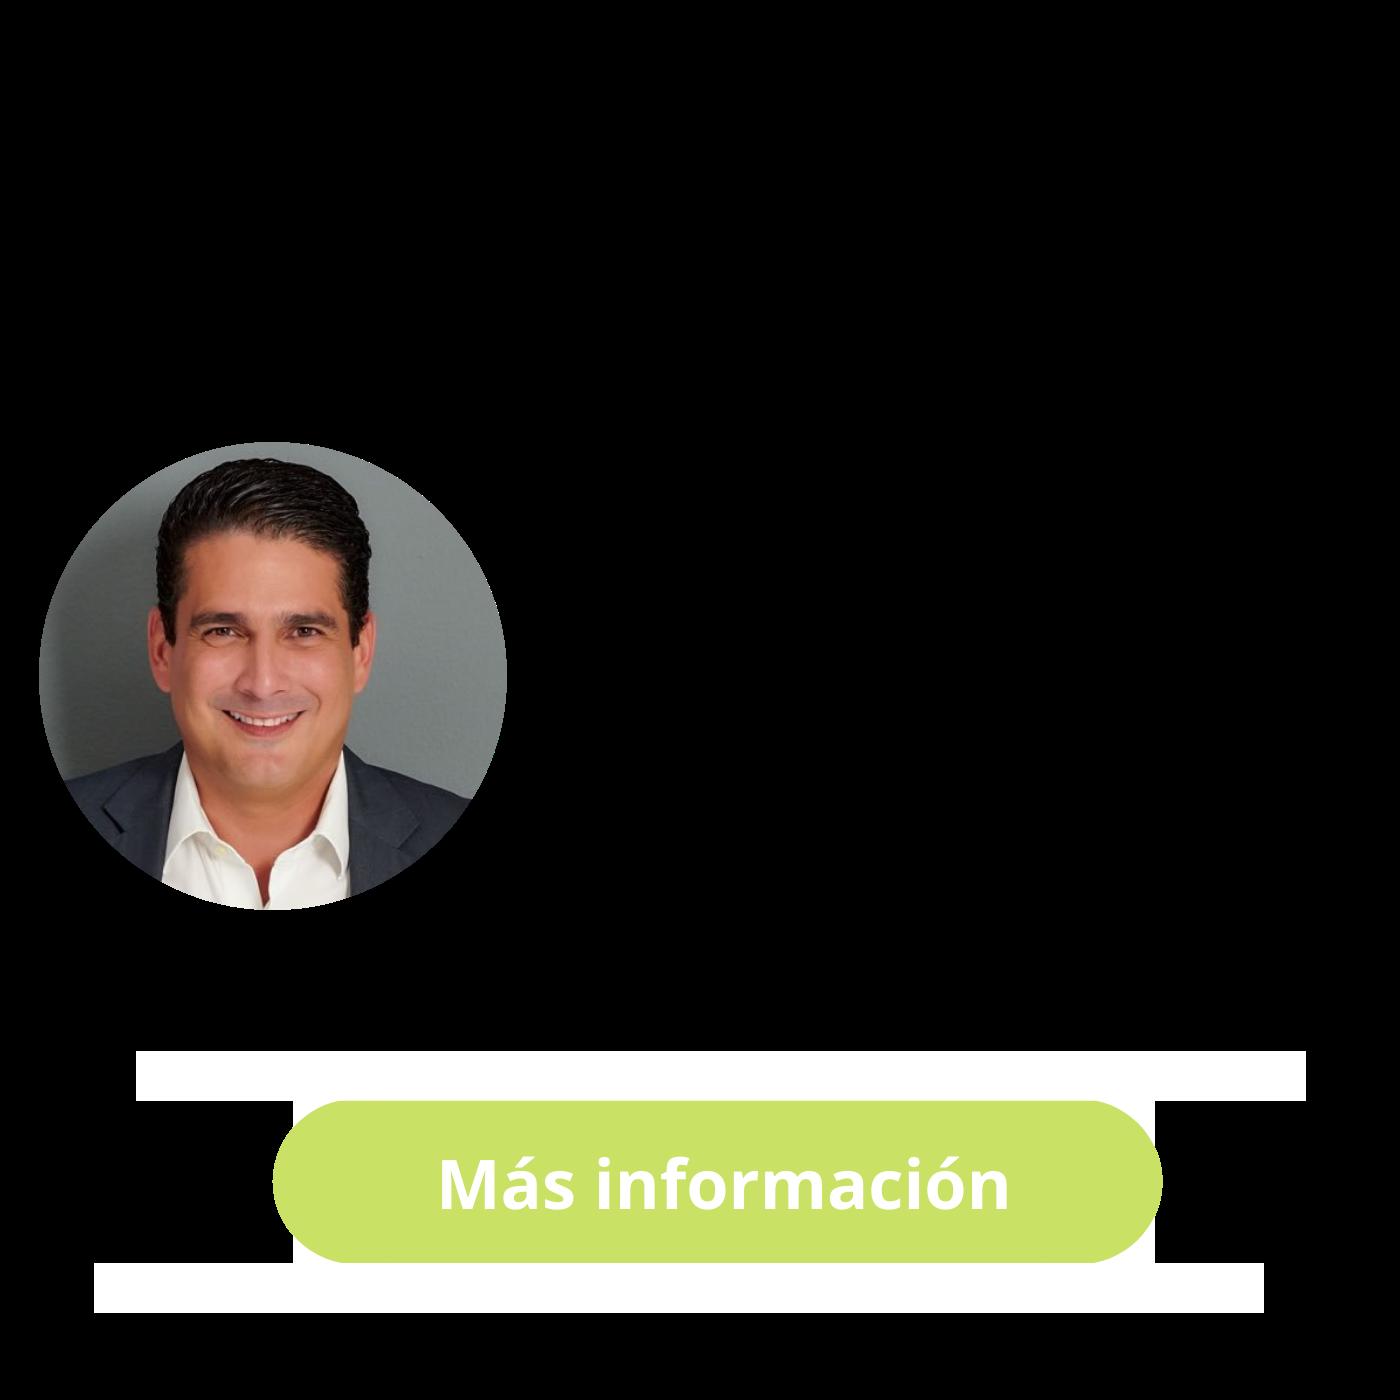 El Incremento De La Seguridad El Decrecimiento De Robos Y Hurtos En Santa Tecla. Newsletter. Infografía. Roberto d'Aubuisson. 2020